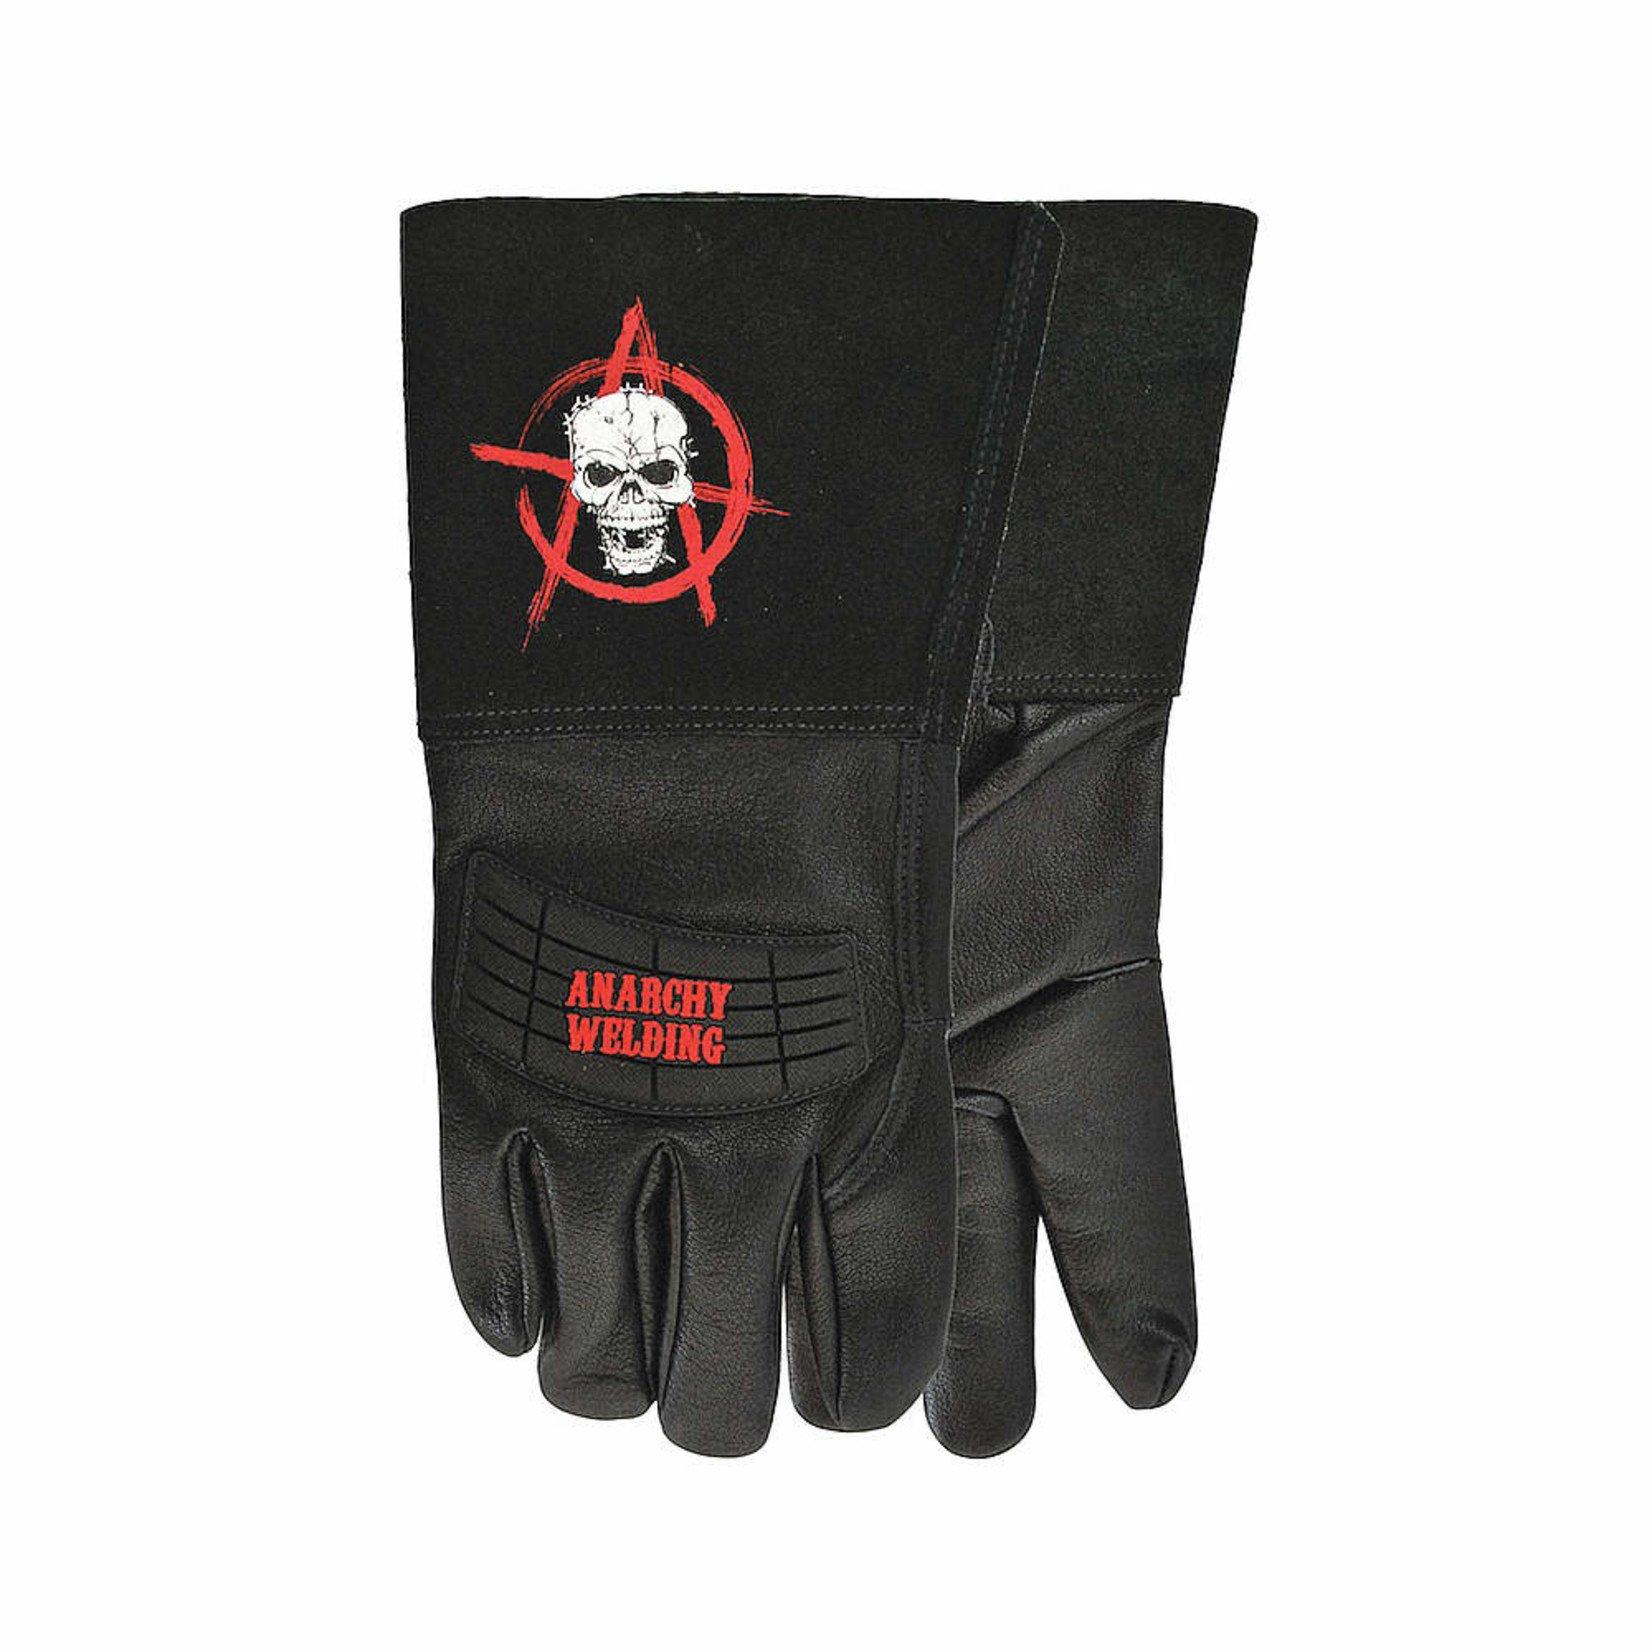 Watson Gloves Ol' Lady Welding Gloves - Women's